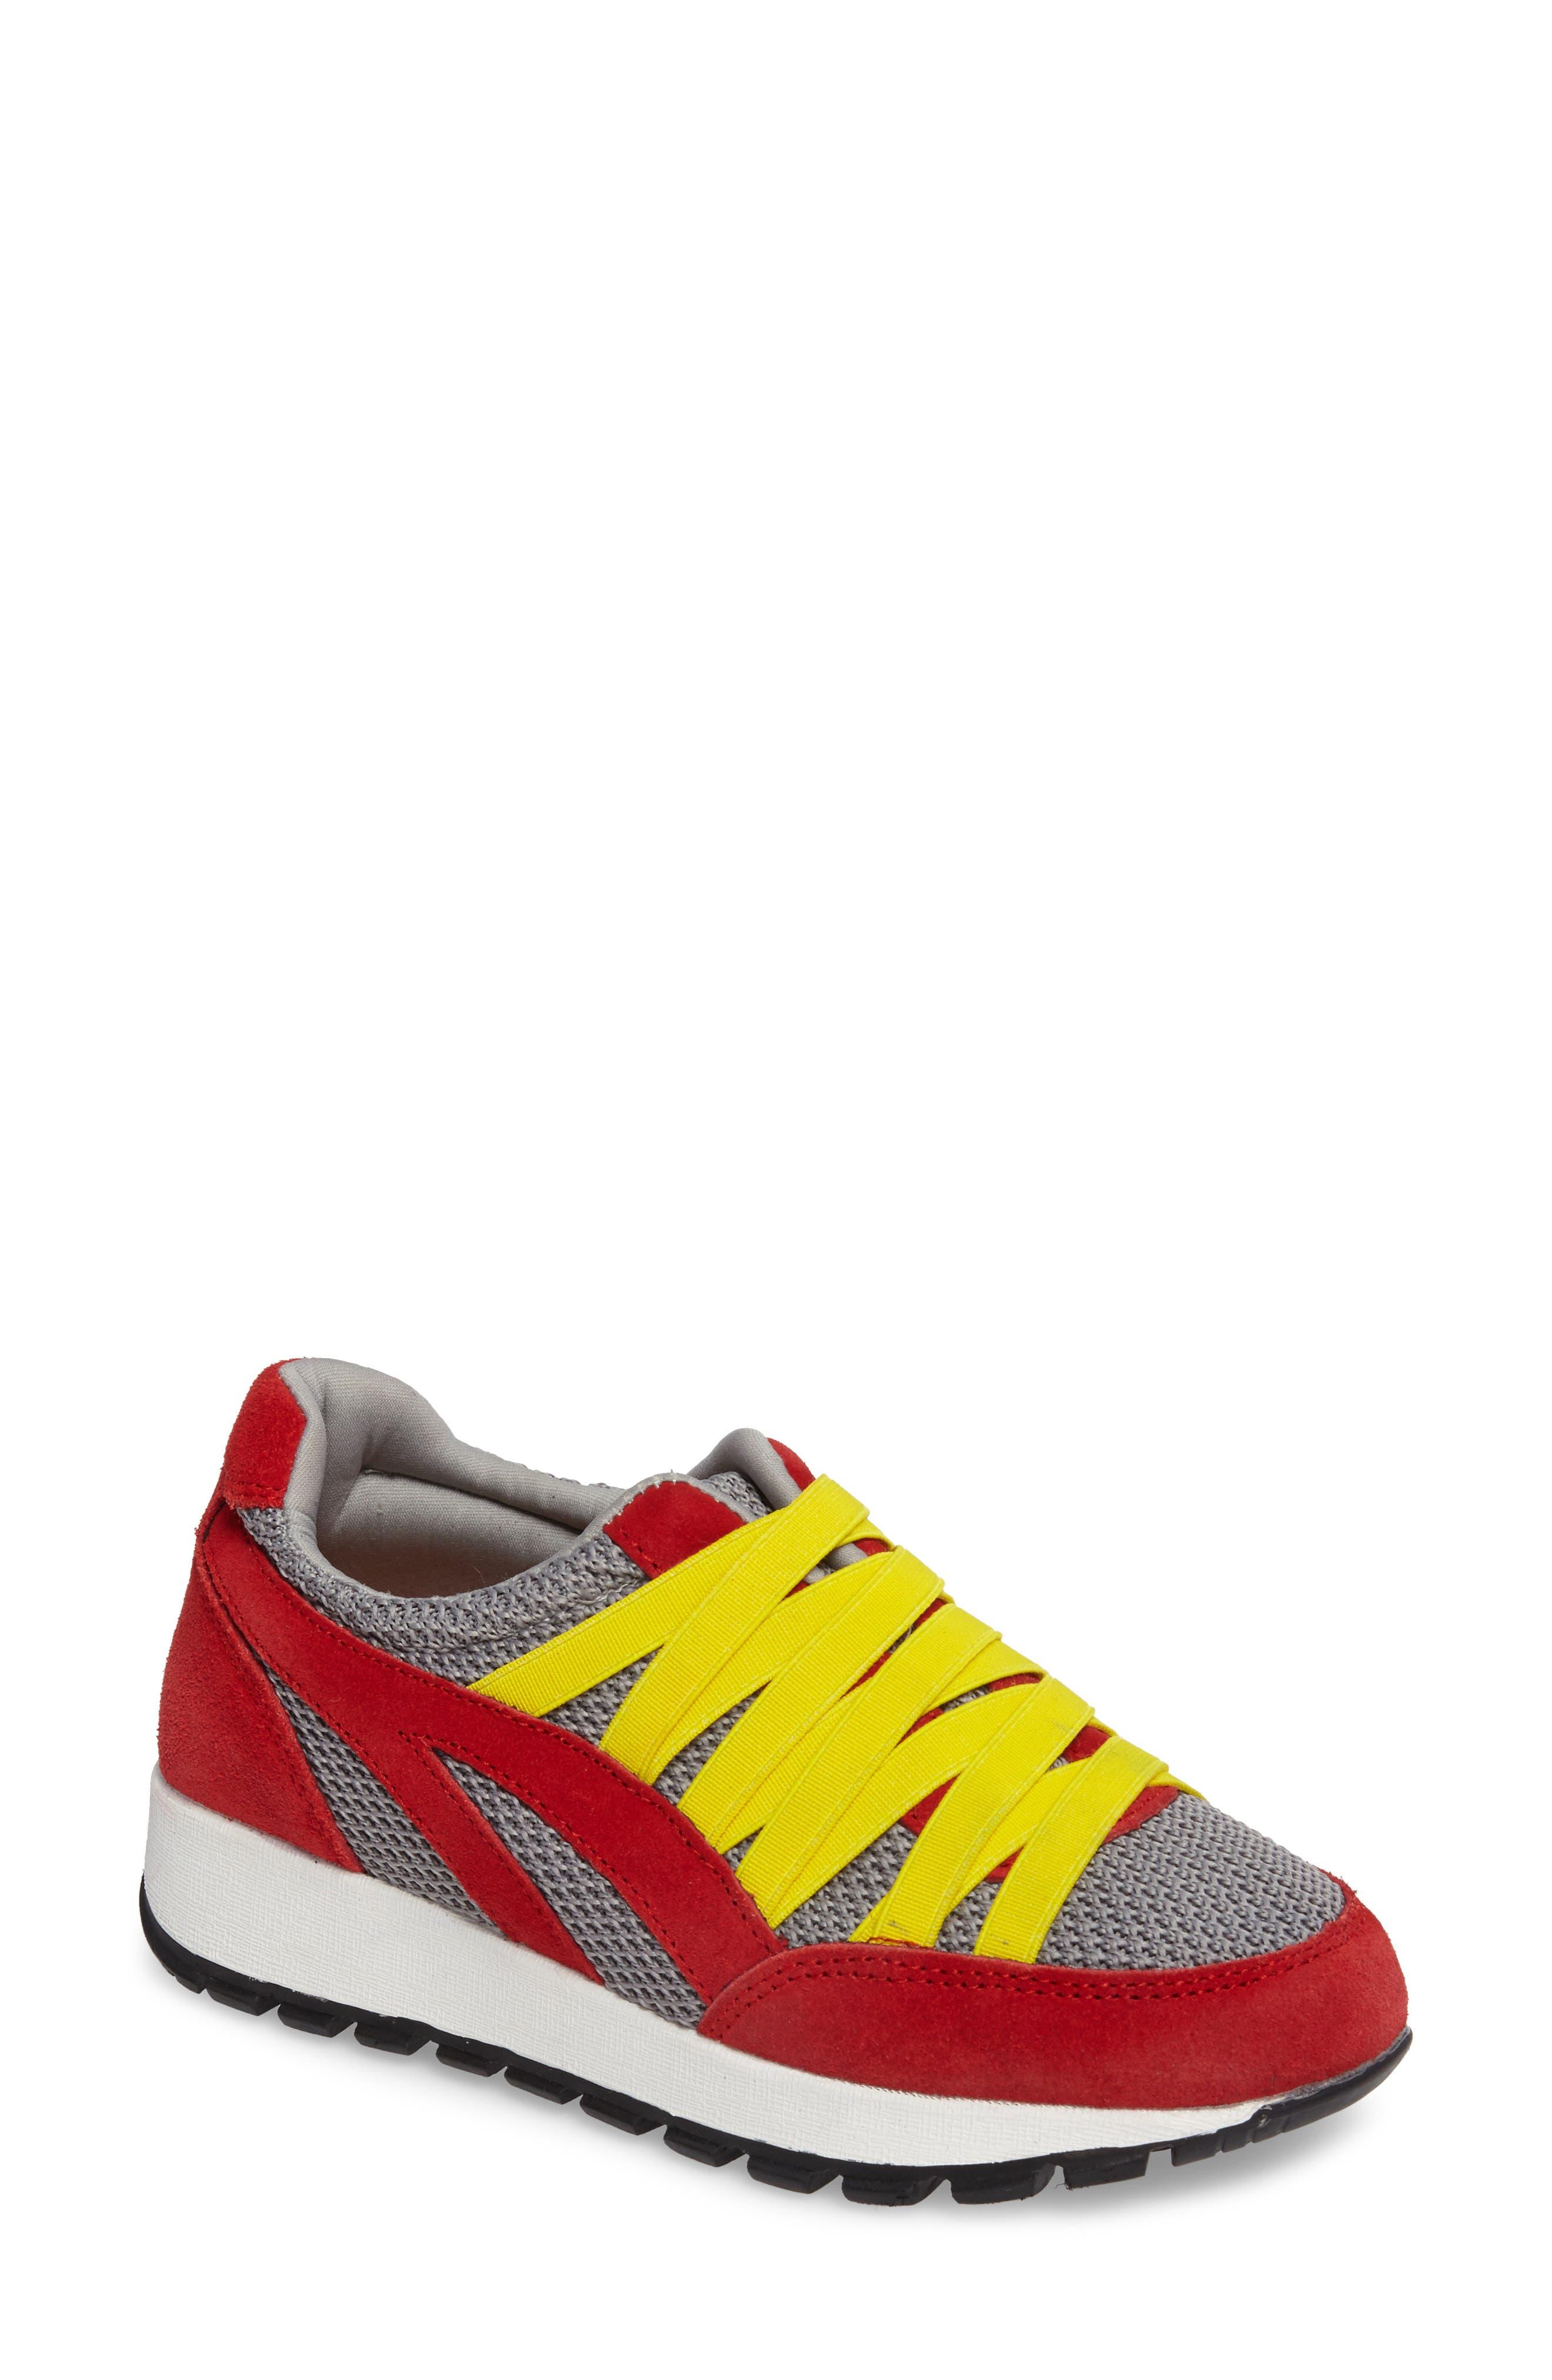 Bernie Mev Tara Cano Sneaker (Women)